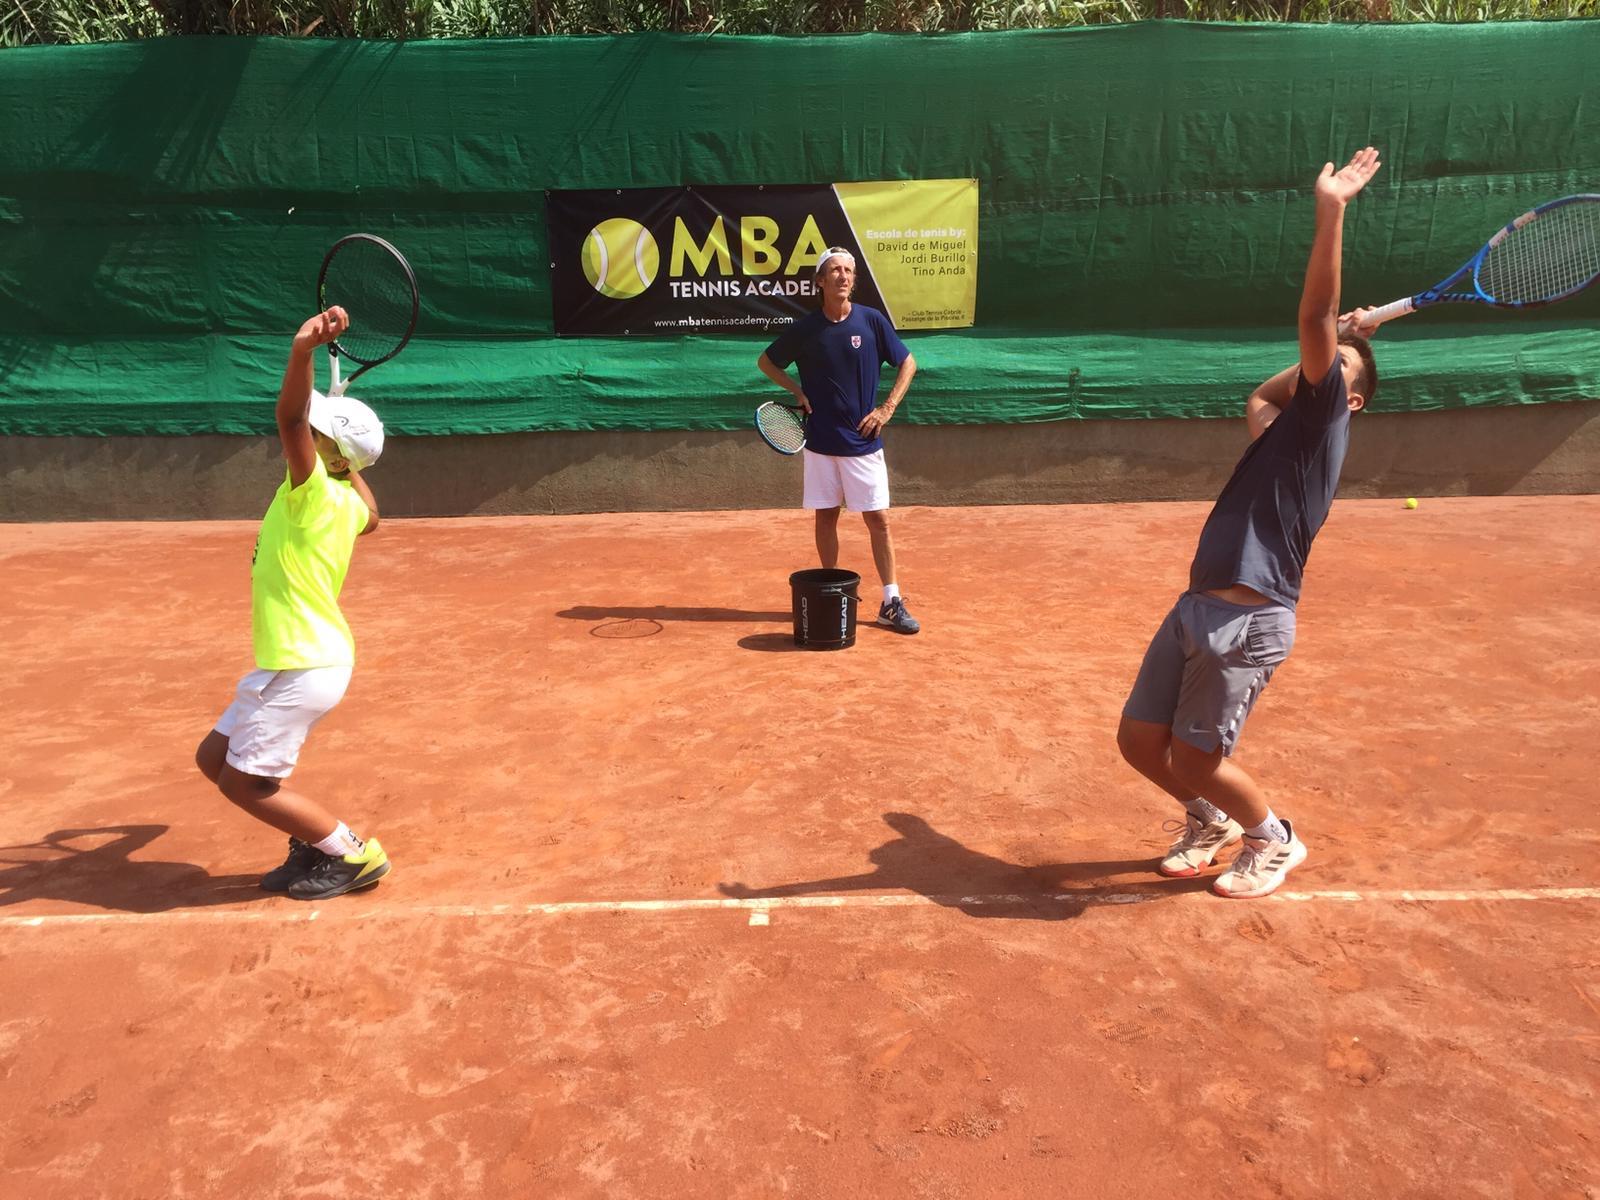 MBA-Tennis-Academy- El saque (3)